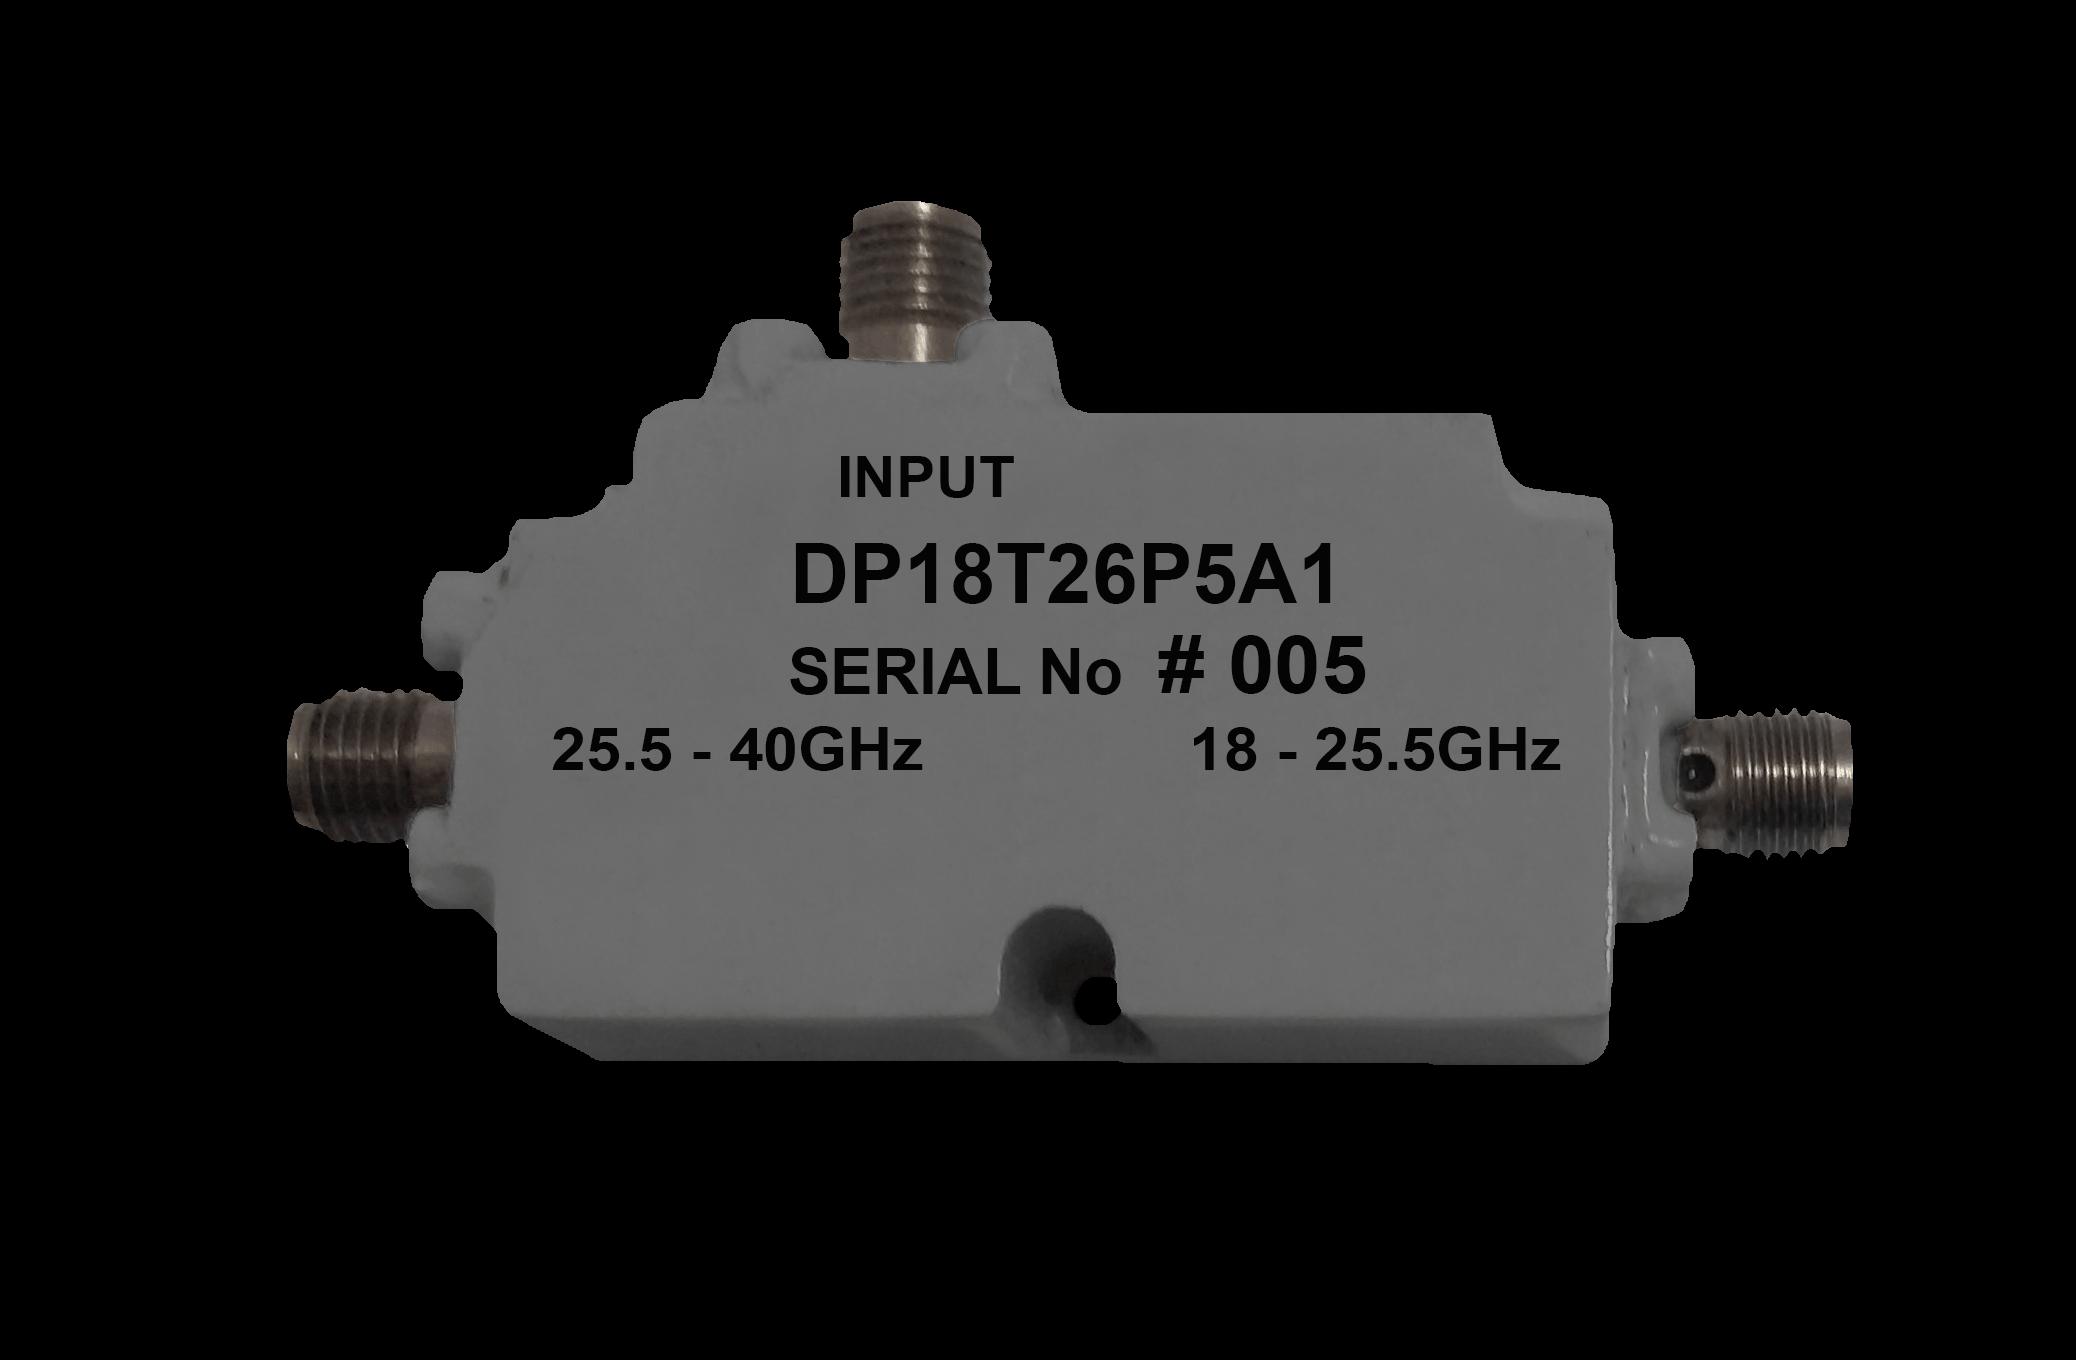 Diplexer 18 - 26 GHz